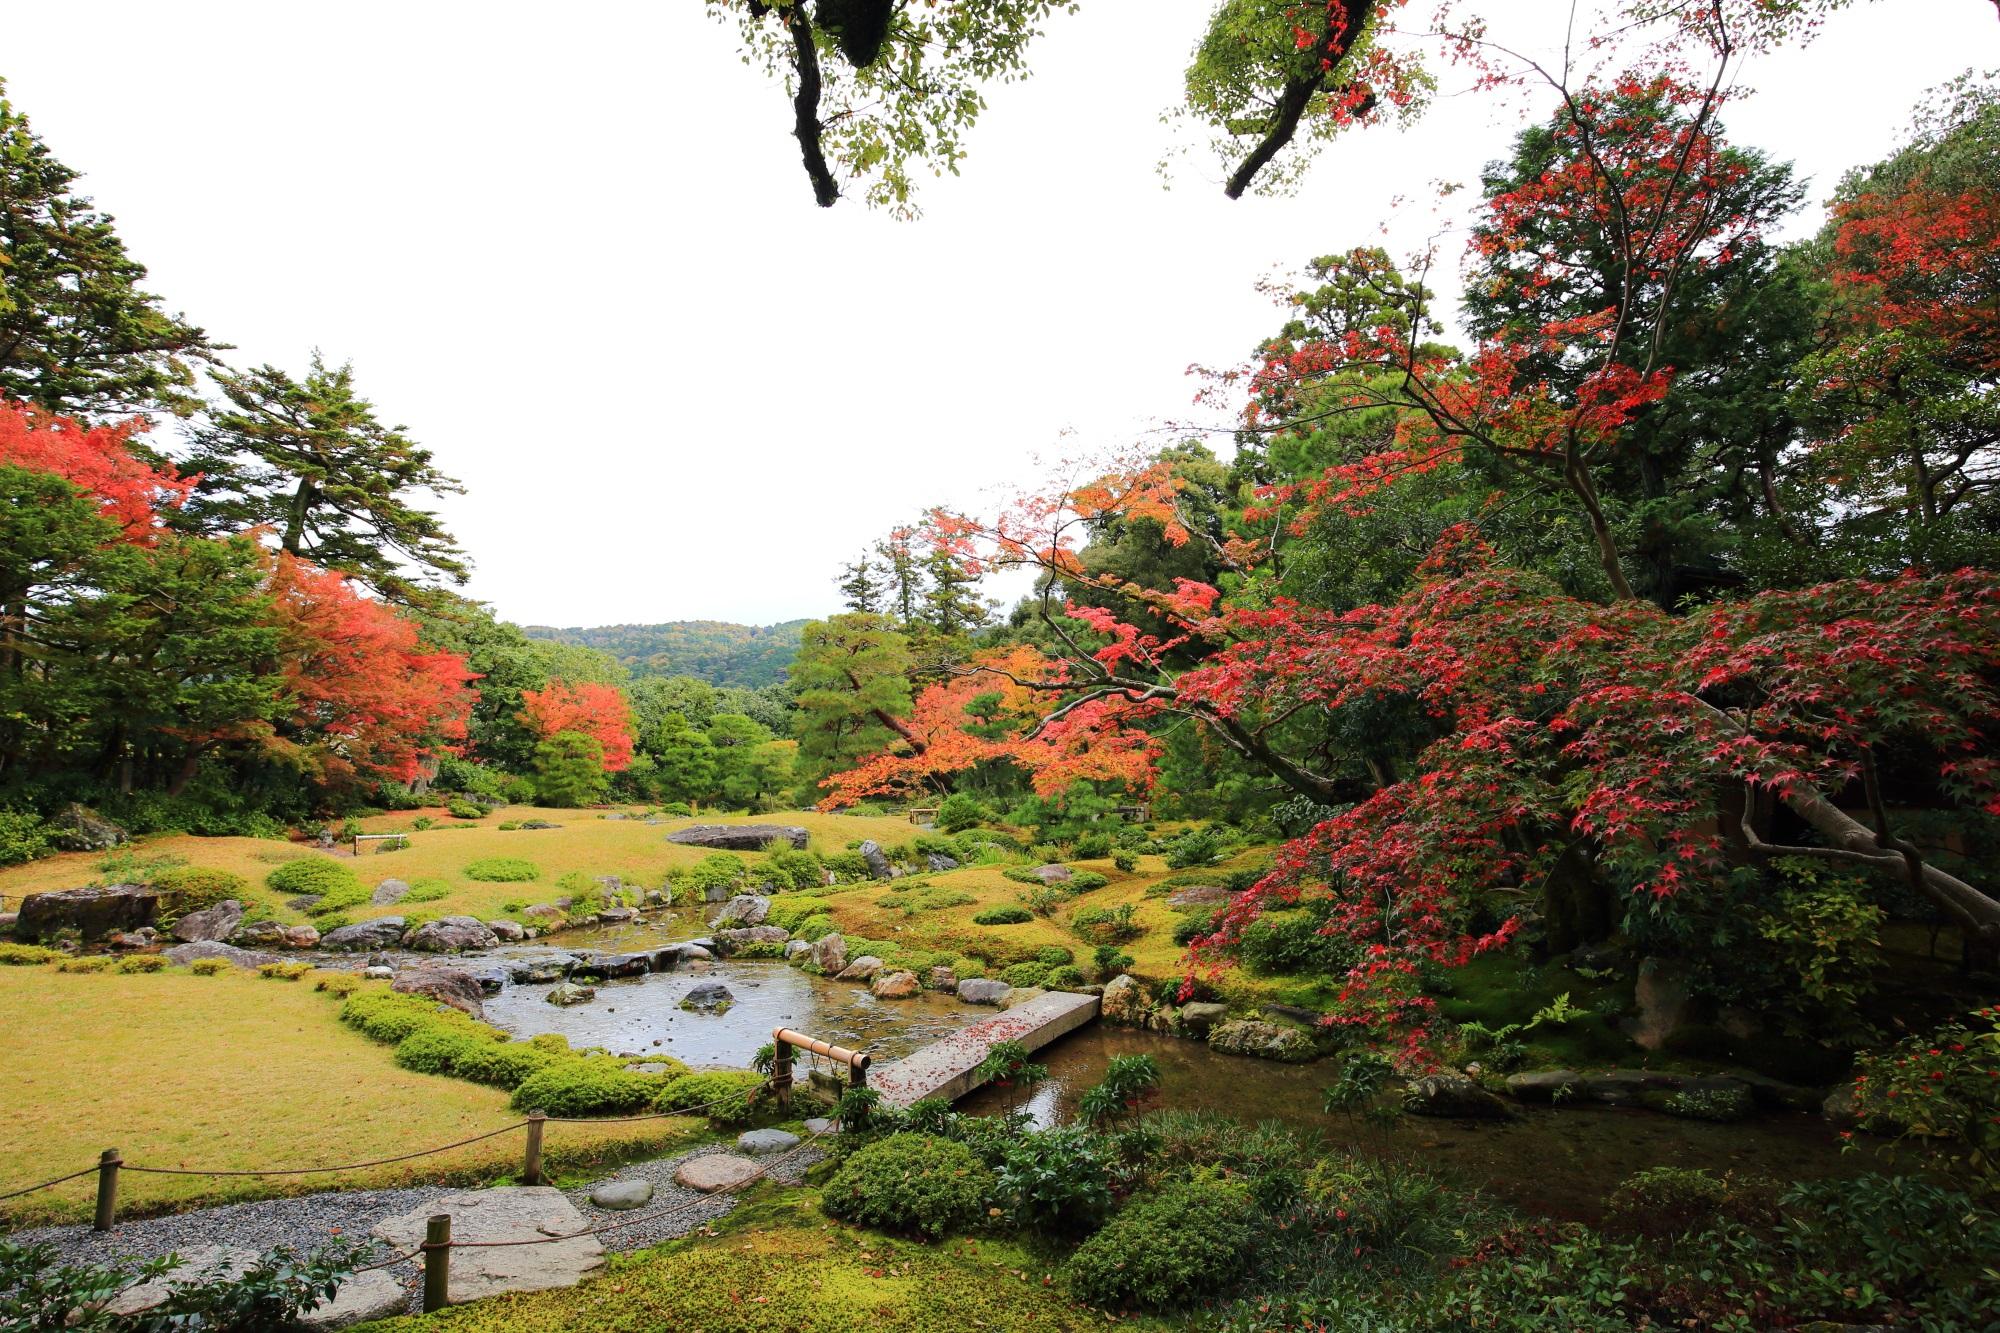 無鄰菴の池泉回遊式庭園の紅葉